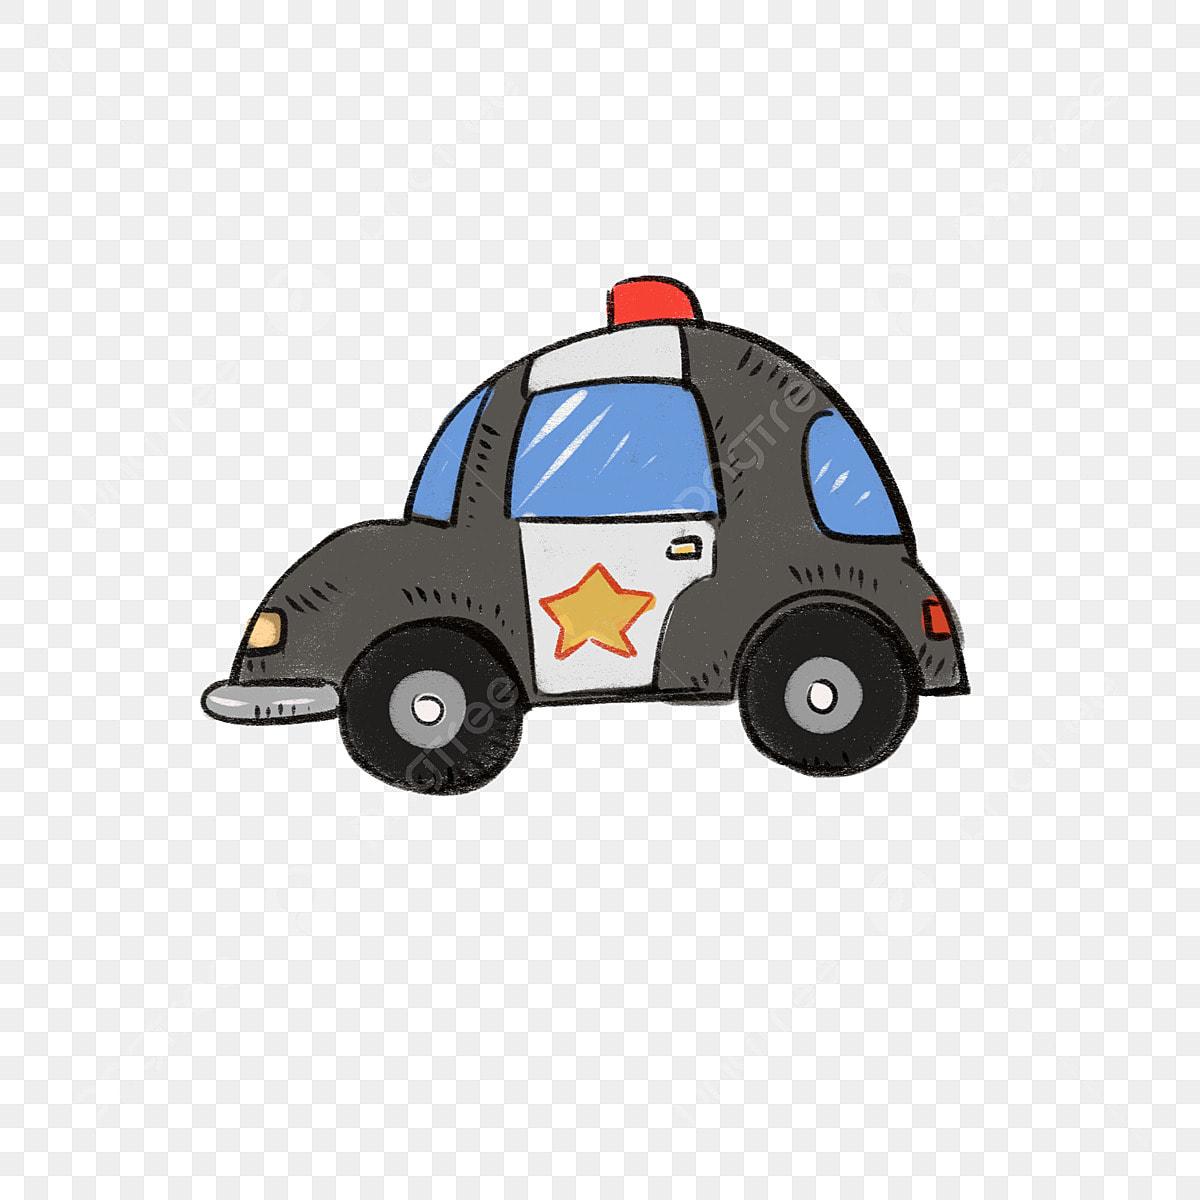 Carro Desenhado Mao Dos Desenhos Animados Carro De Policia Carro